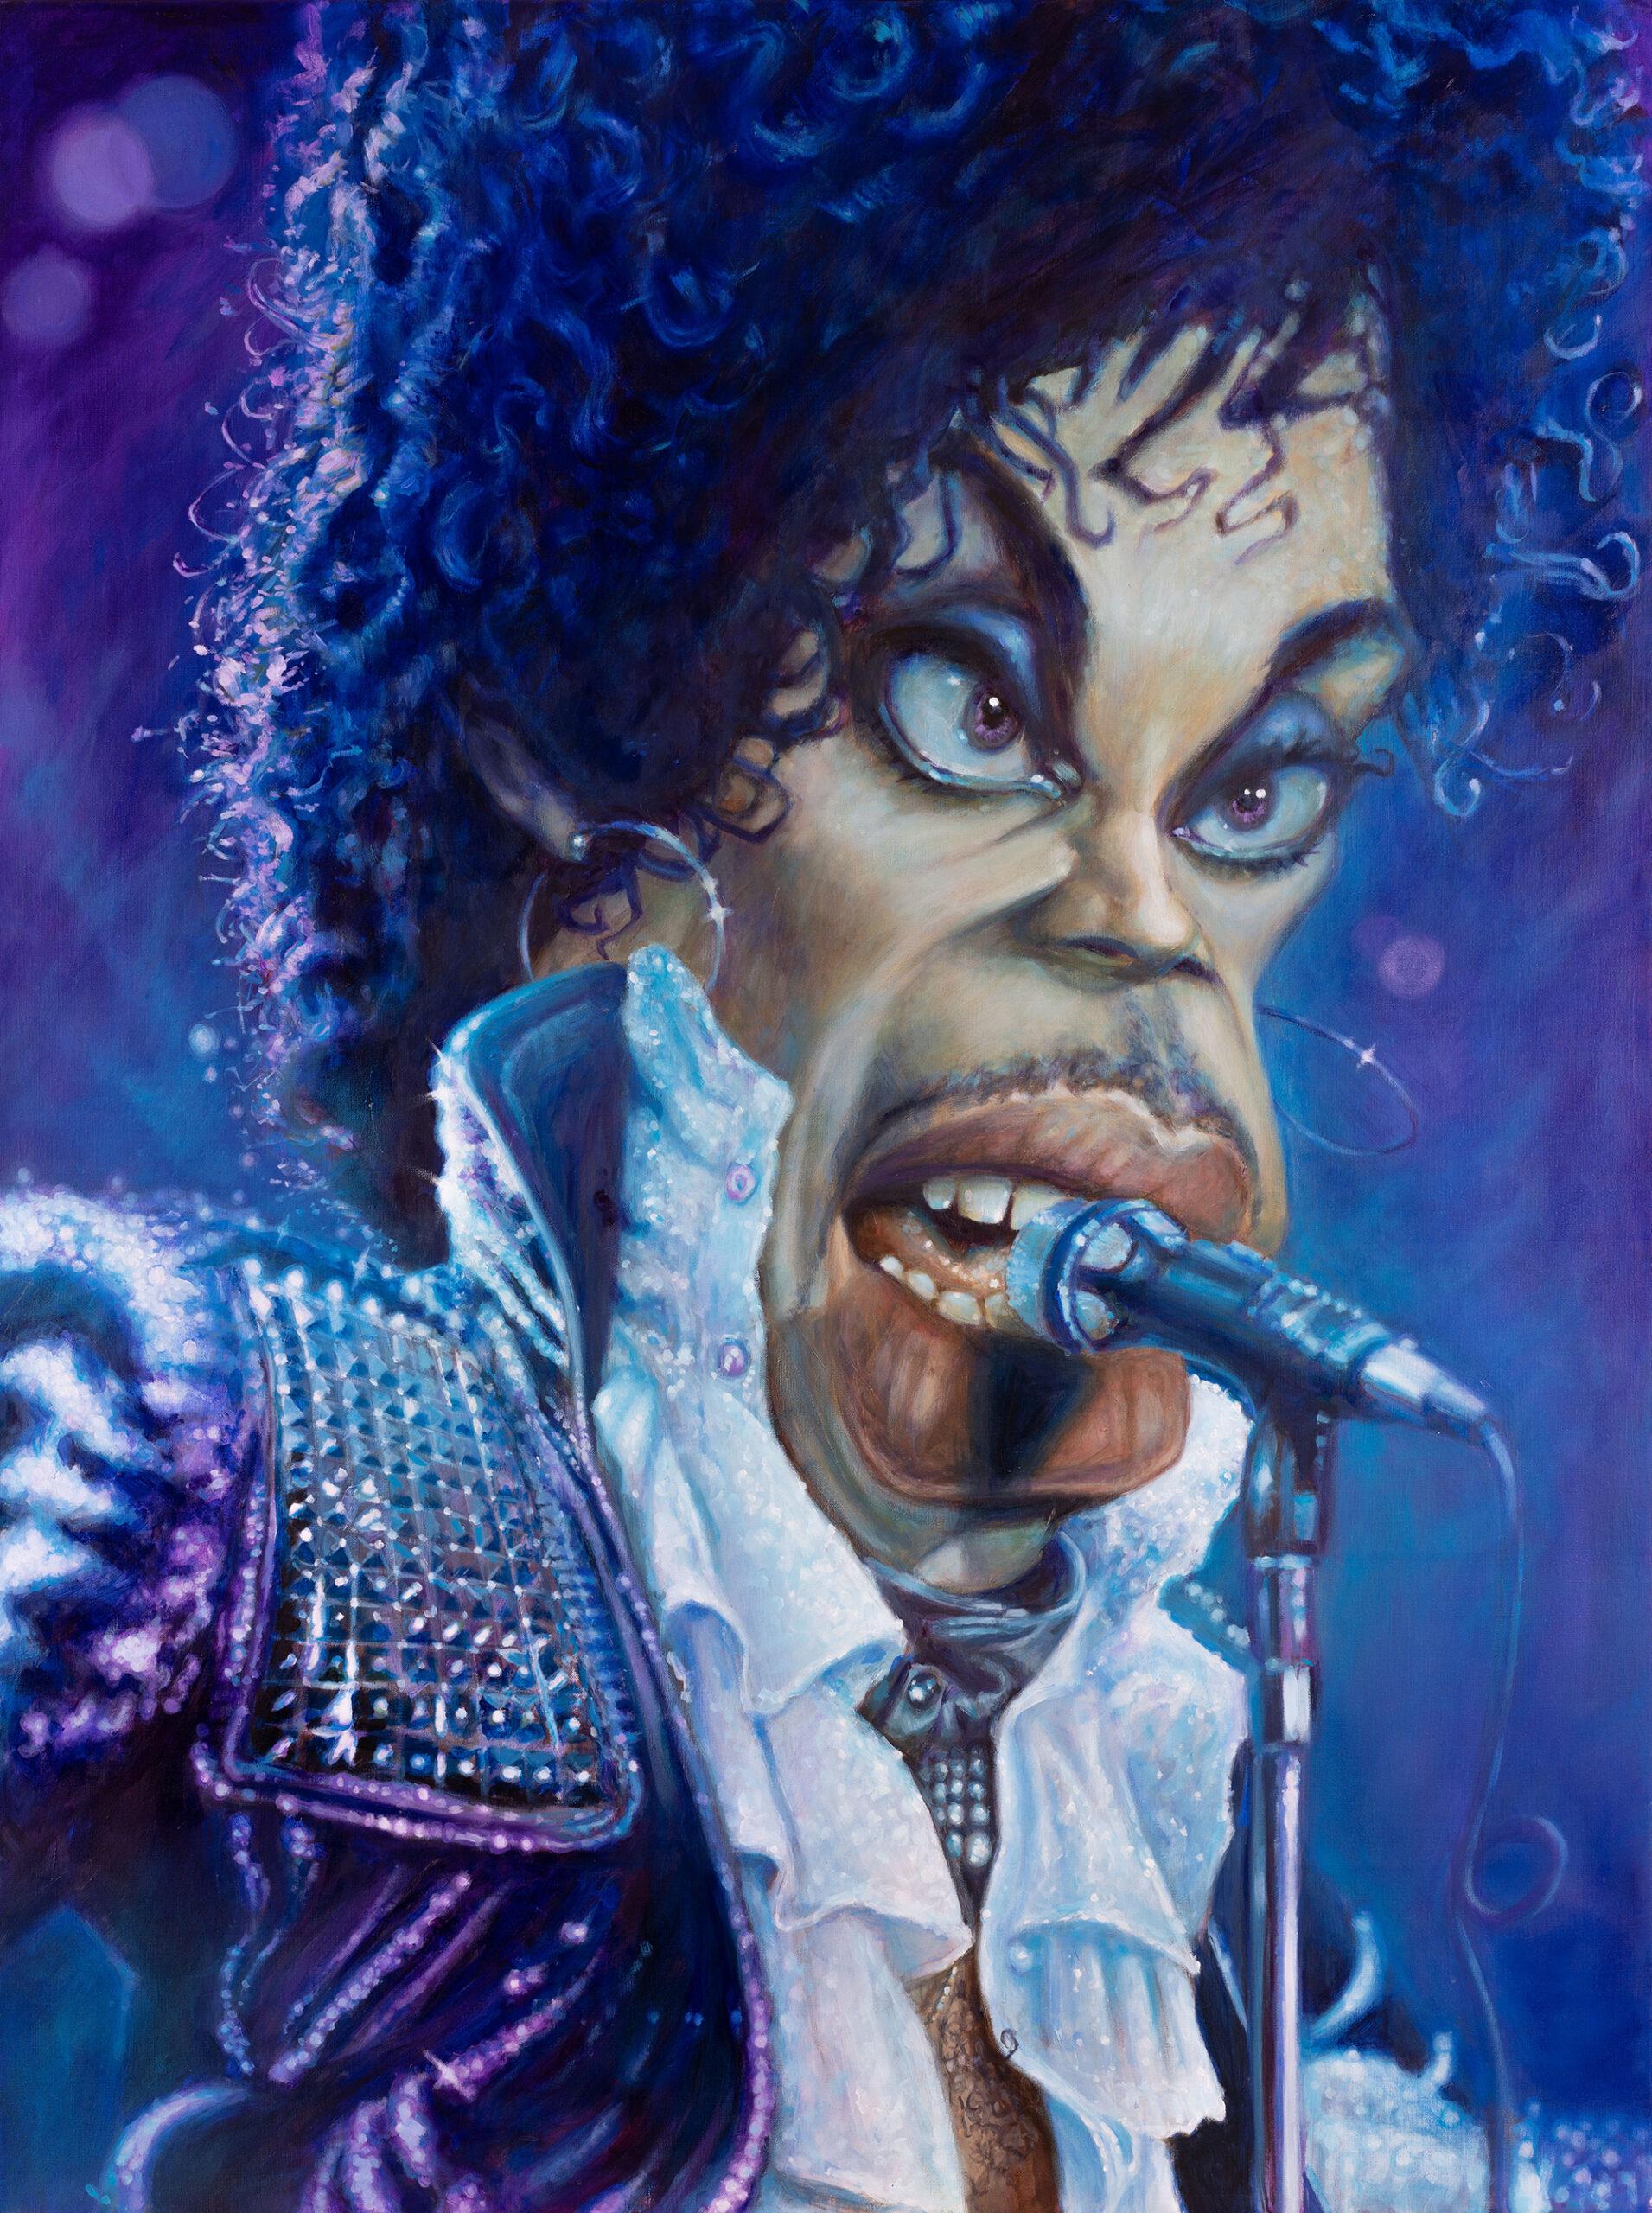 Prince portrait by Derren Brown